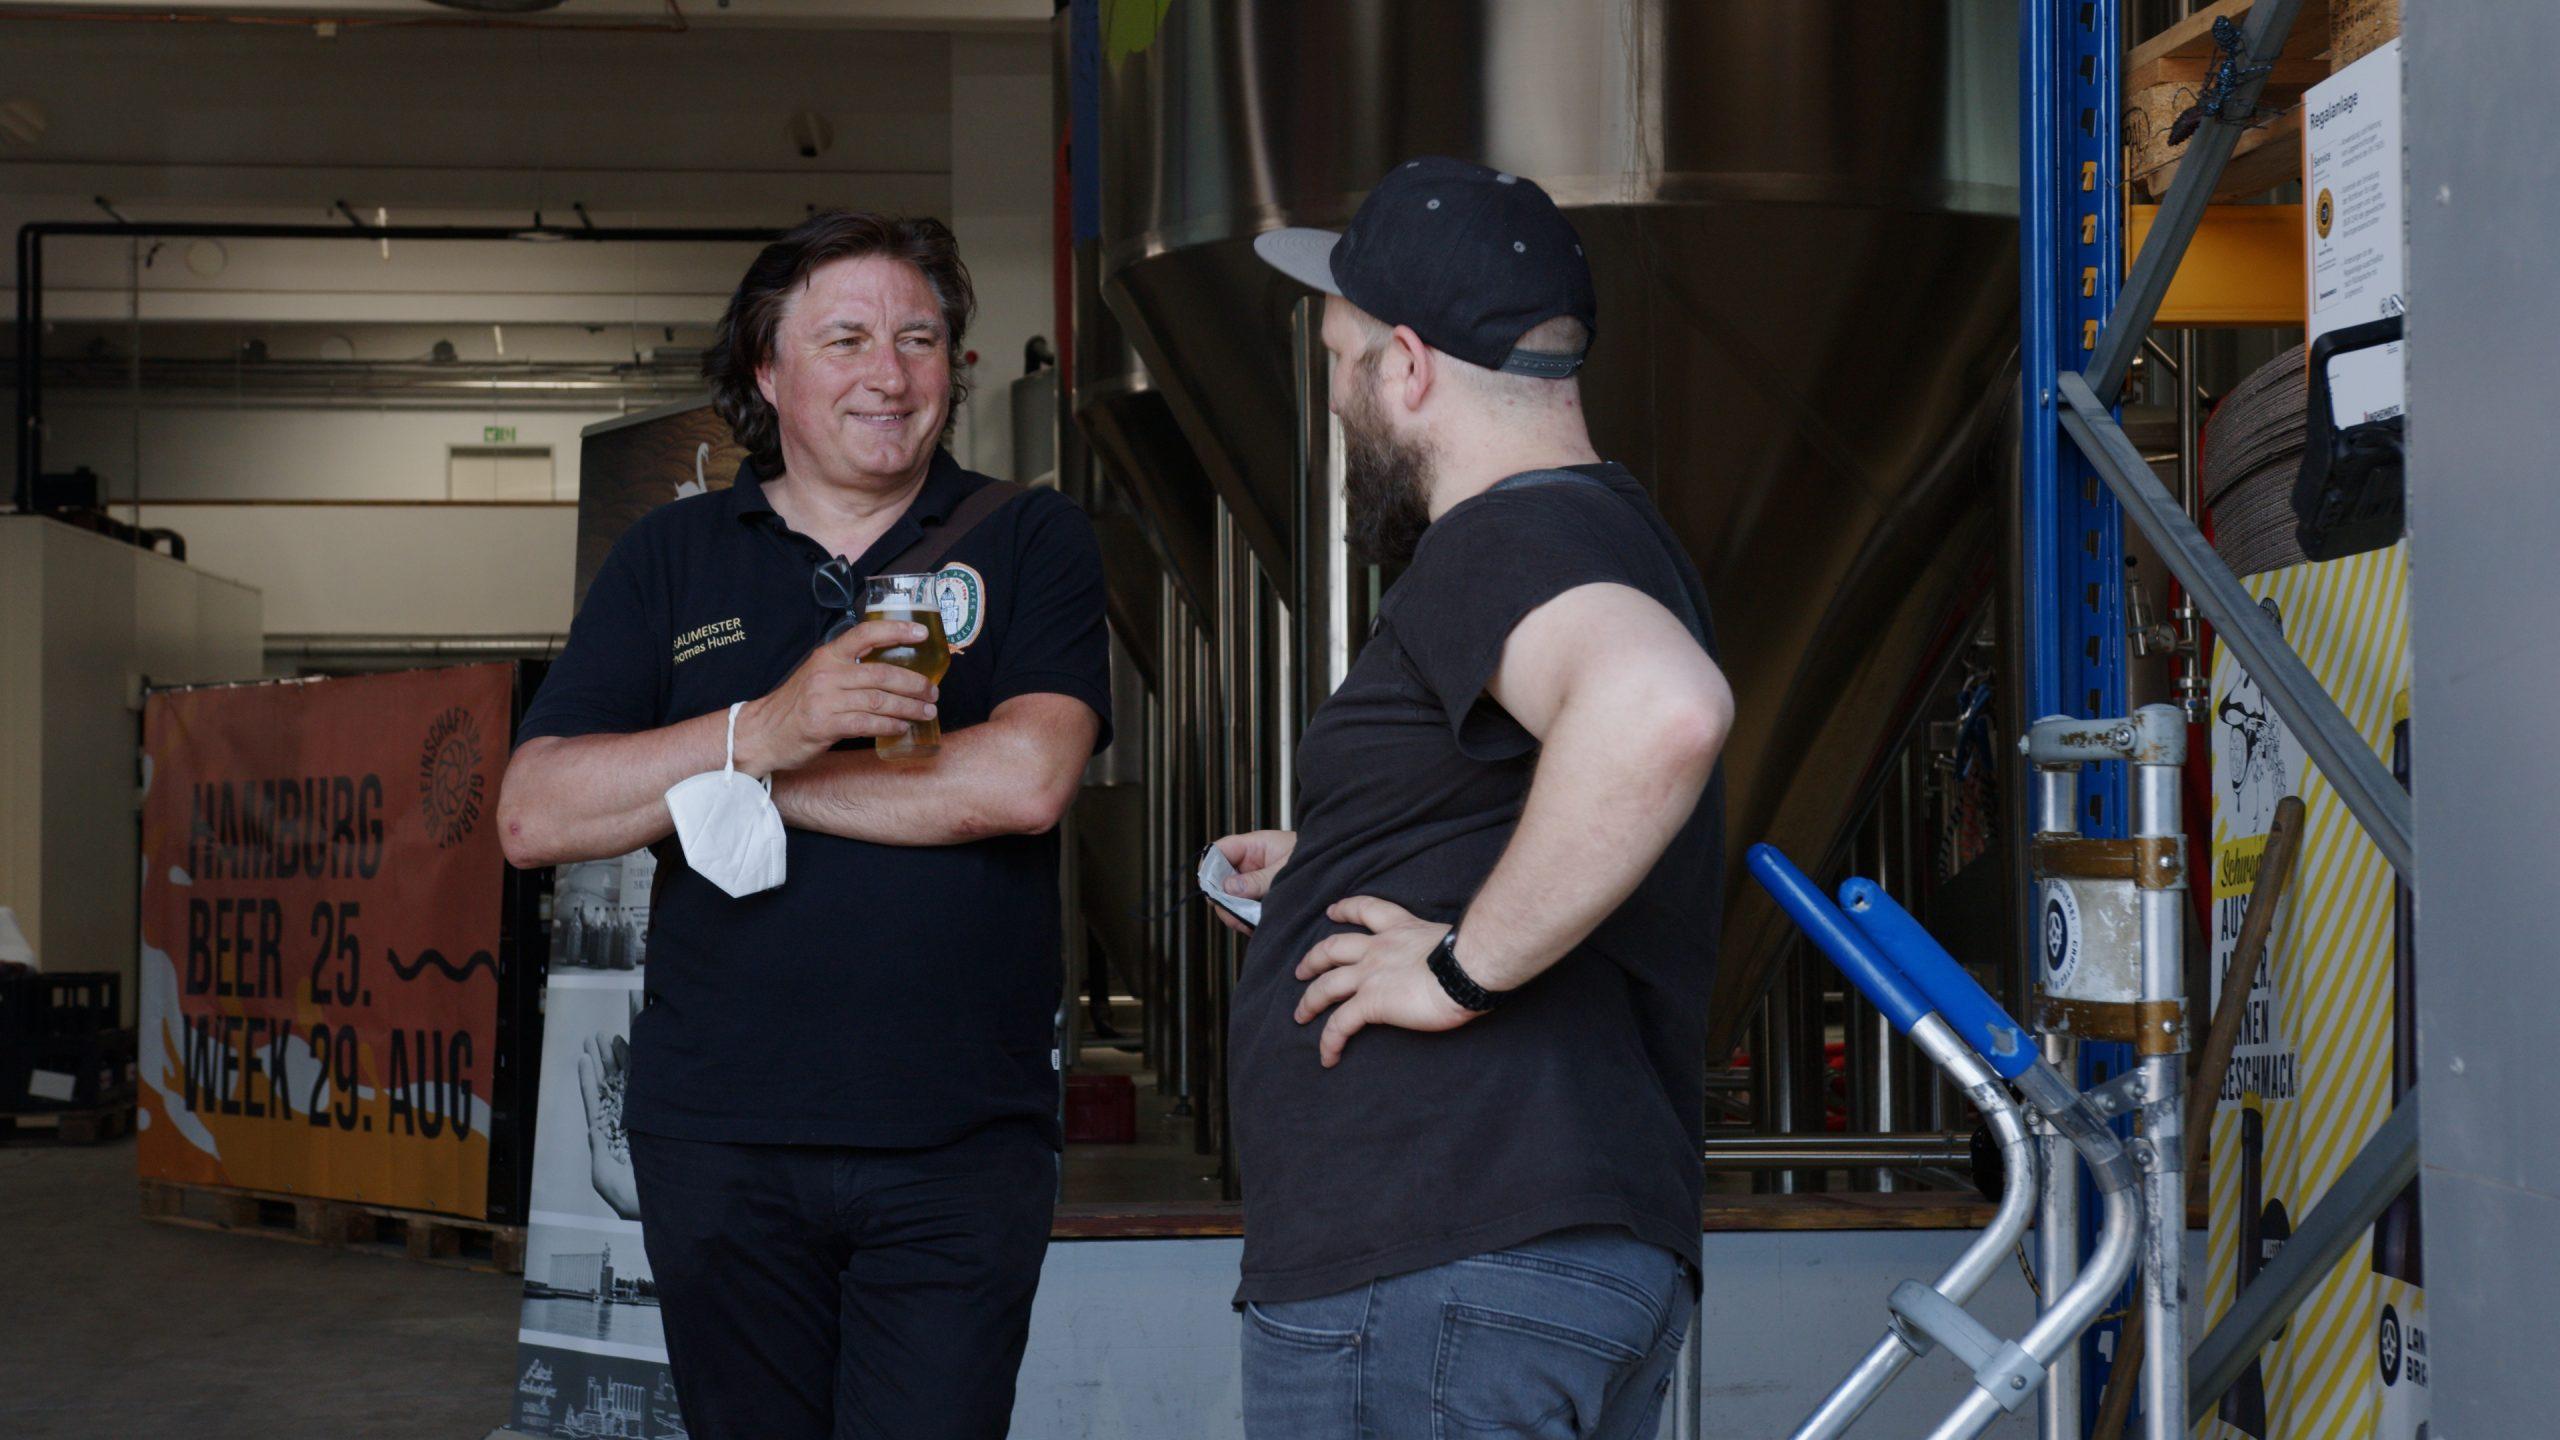 Beim Treffen der Braumeister in Altona wurde ein gemeinsames Bier gebraut.